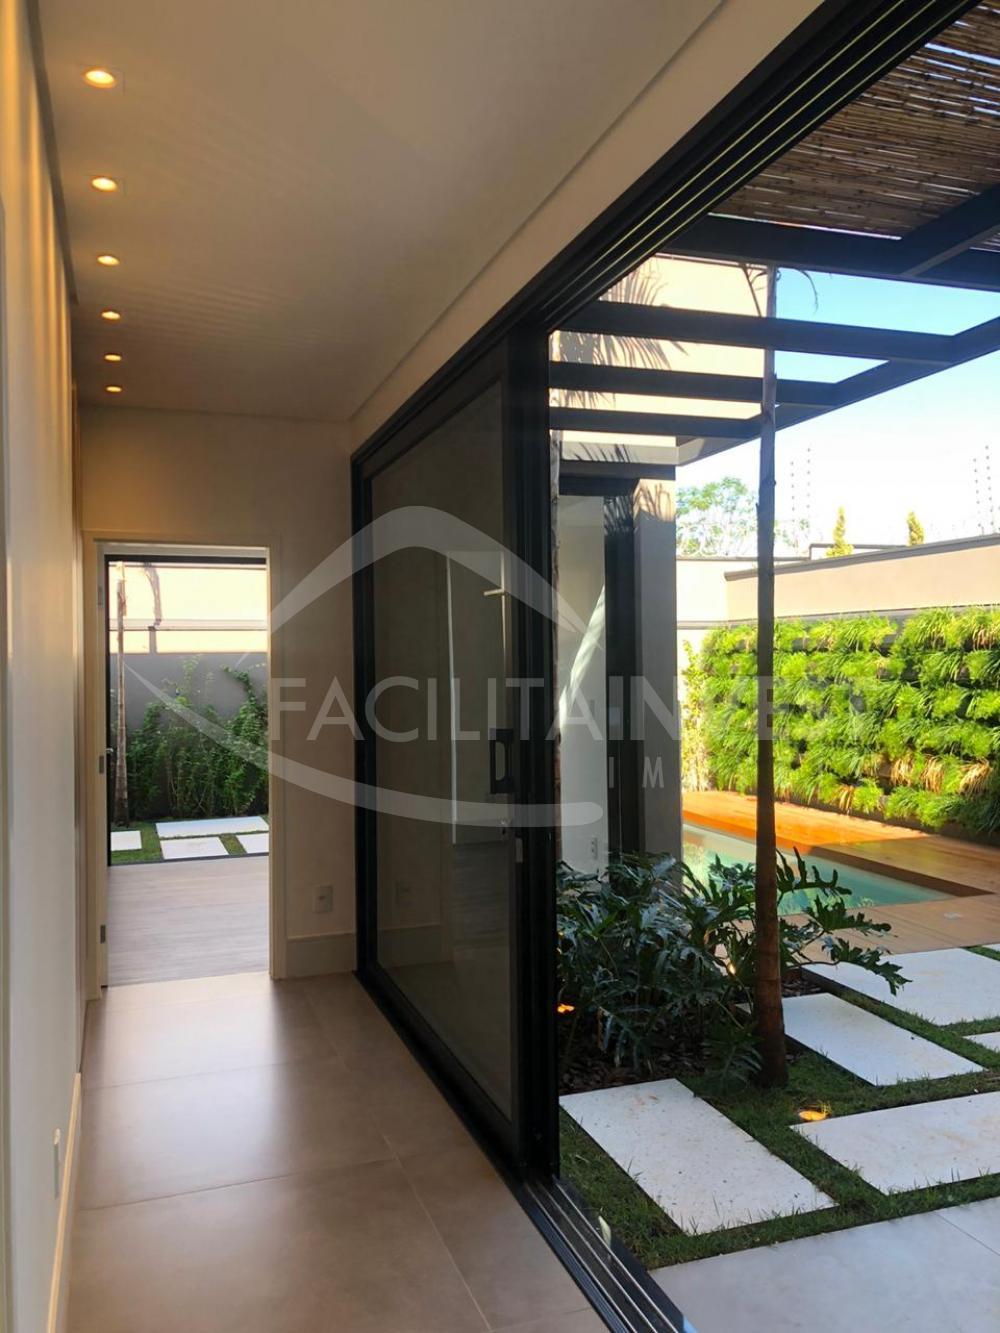 Comprar Casa Condomínio / Casa Condomínio em Ribeirão Preto apenas R$ 1.270.000,00 - Foto 10